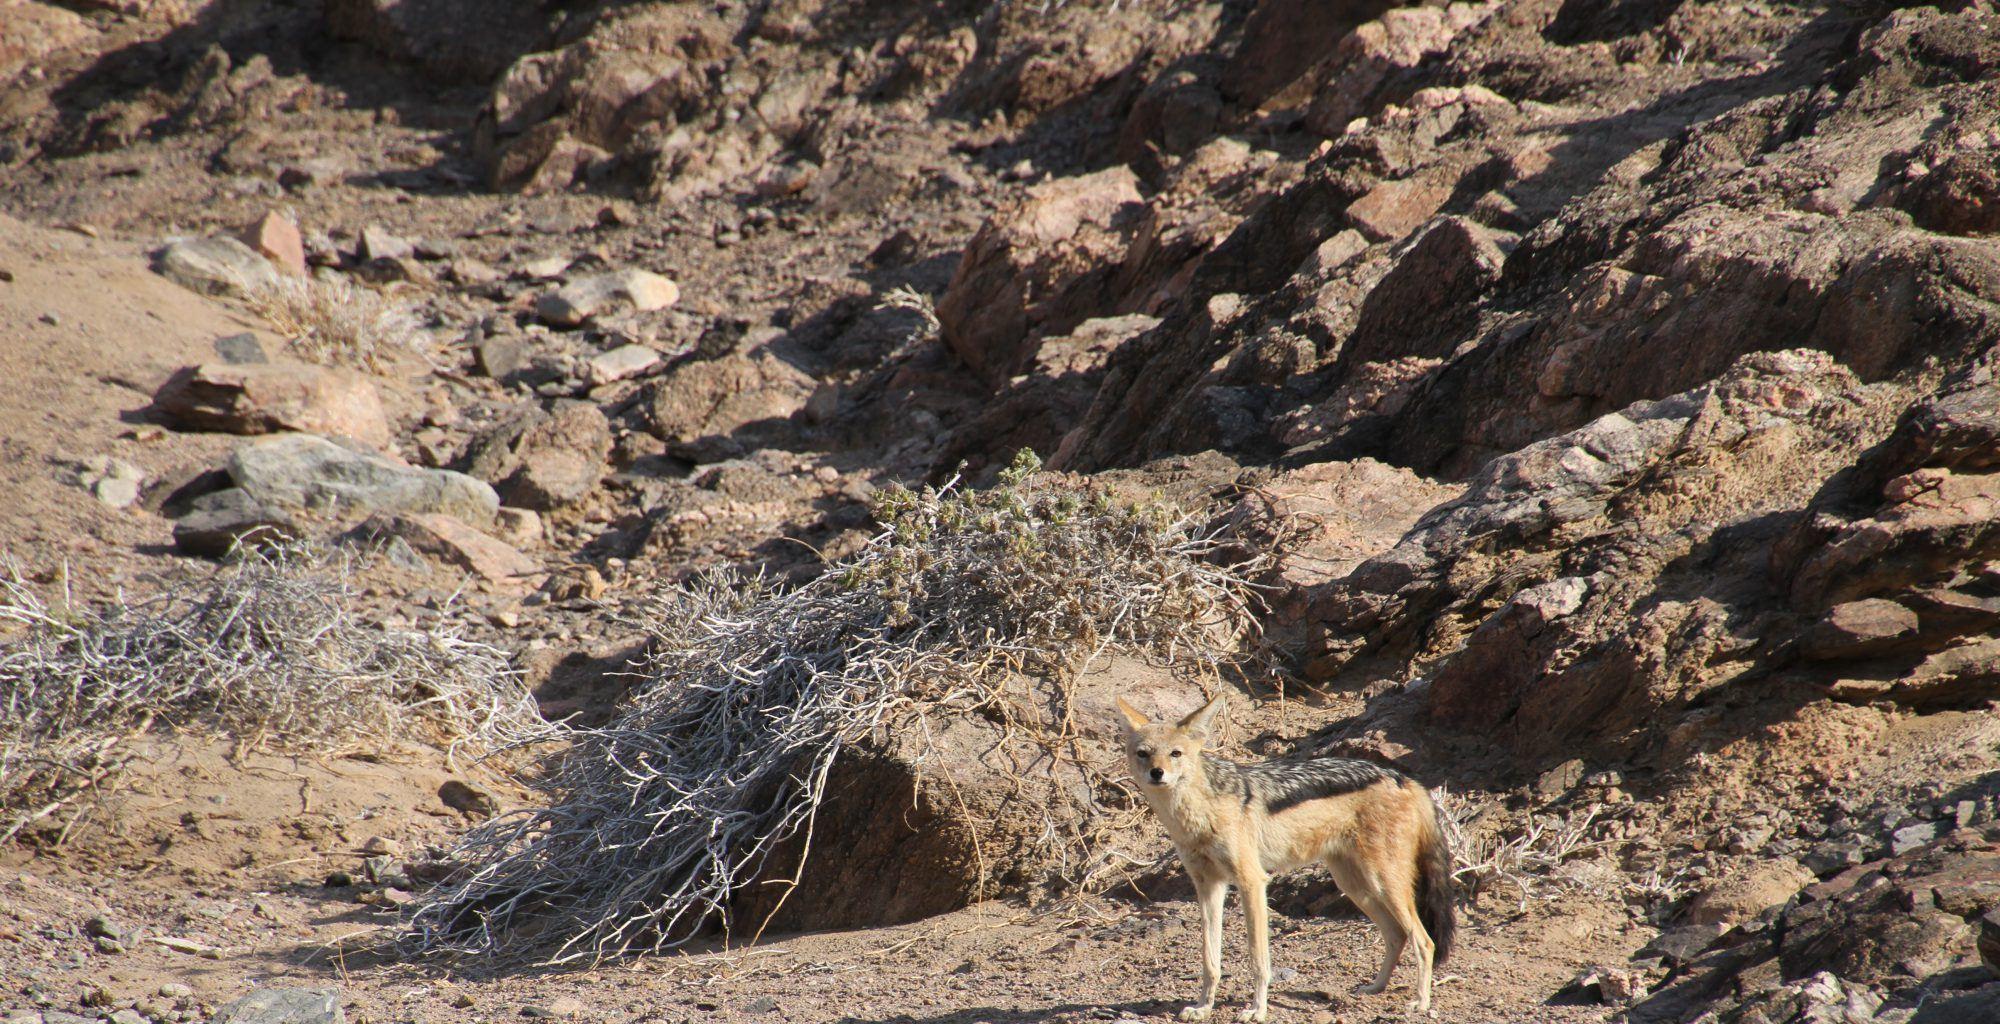 Namibia-Leylandsdrift-Camp-Wildlife